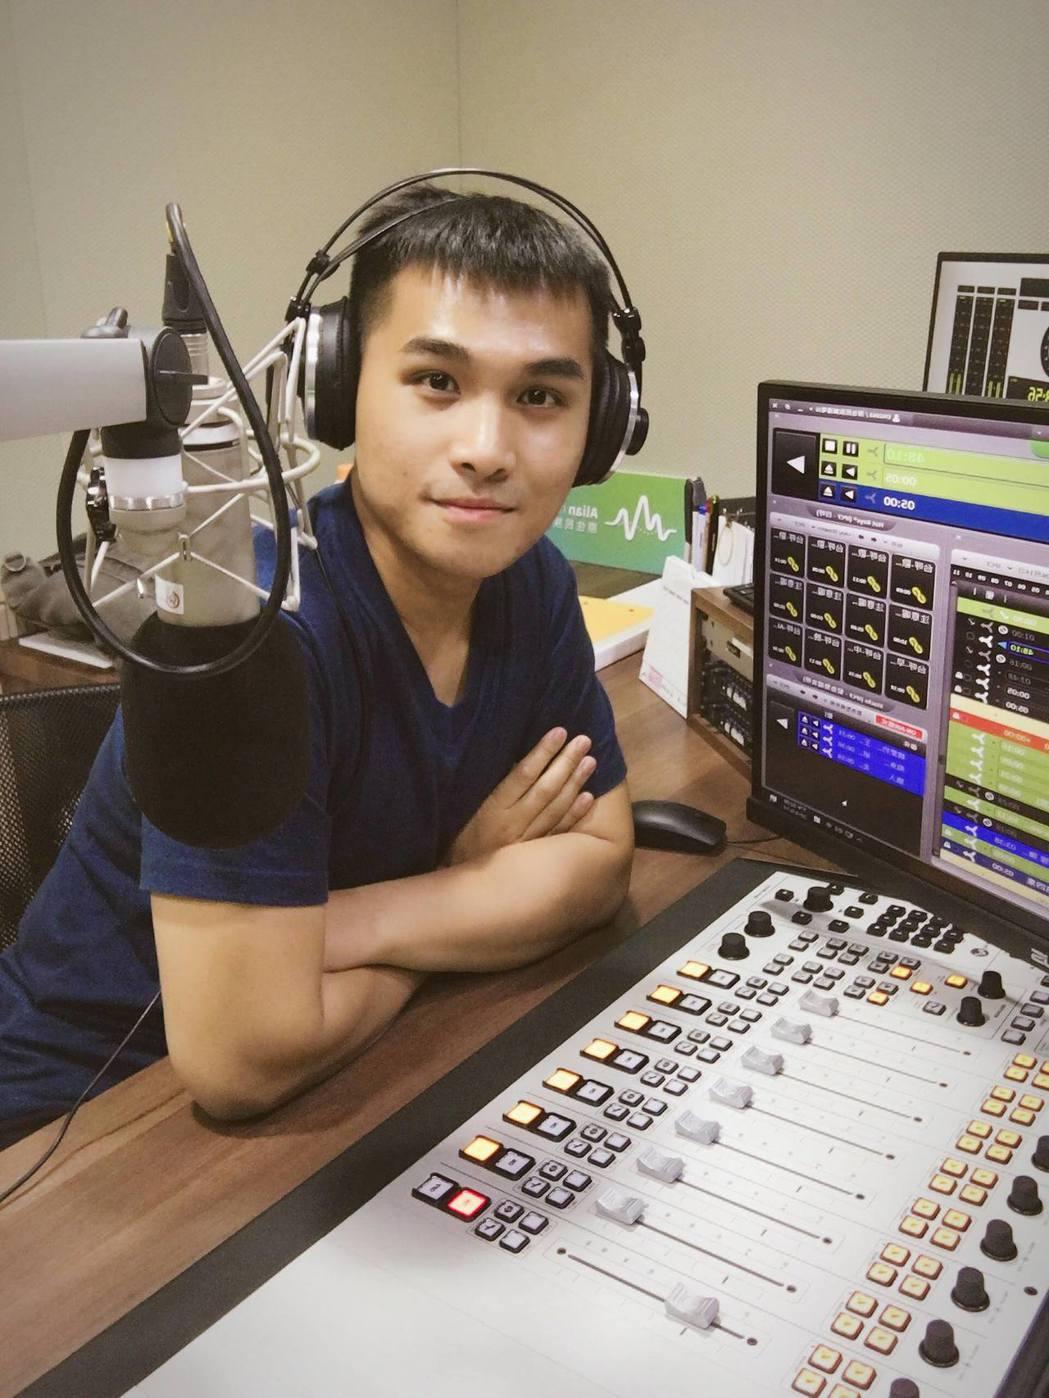 現任原住民廣播電台的DJ巫巴克看好徐佳瑩奪歌后、宋念宇奪歌王。圖/巫巴克提供